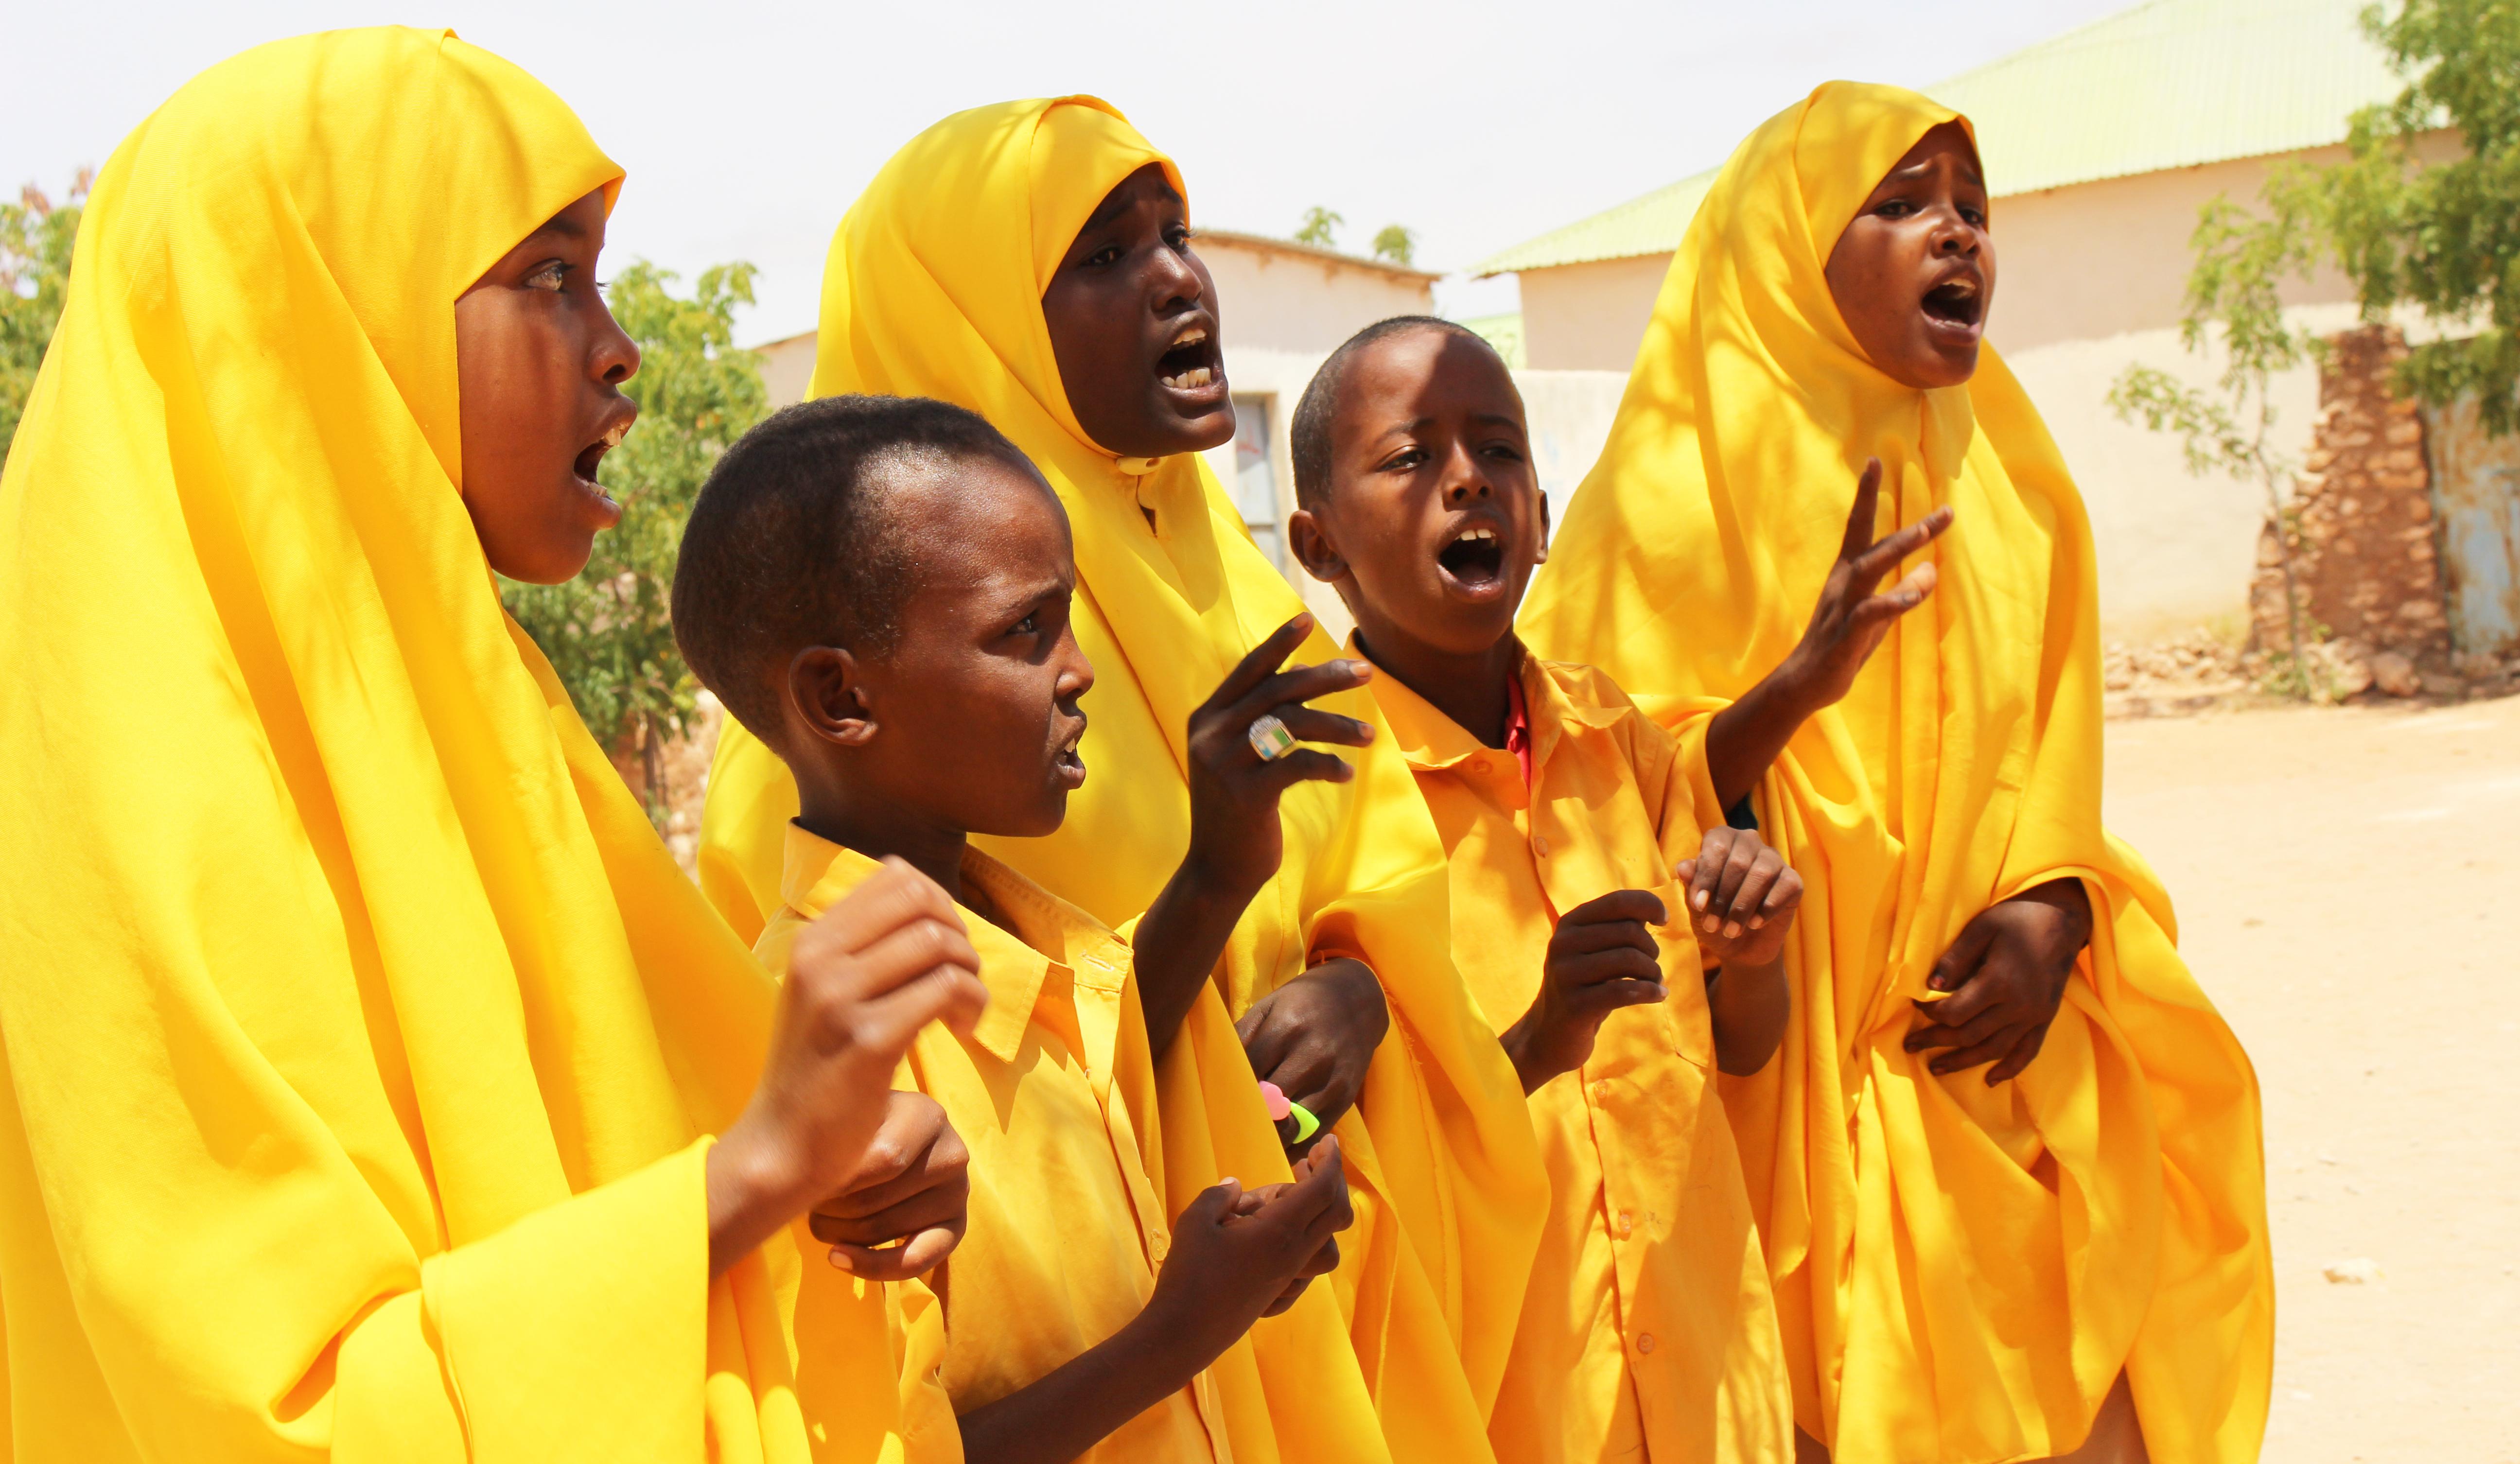 Αφρικανική φωτογραφία λεσβιακό πορνό Αλόχα κανάλι